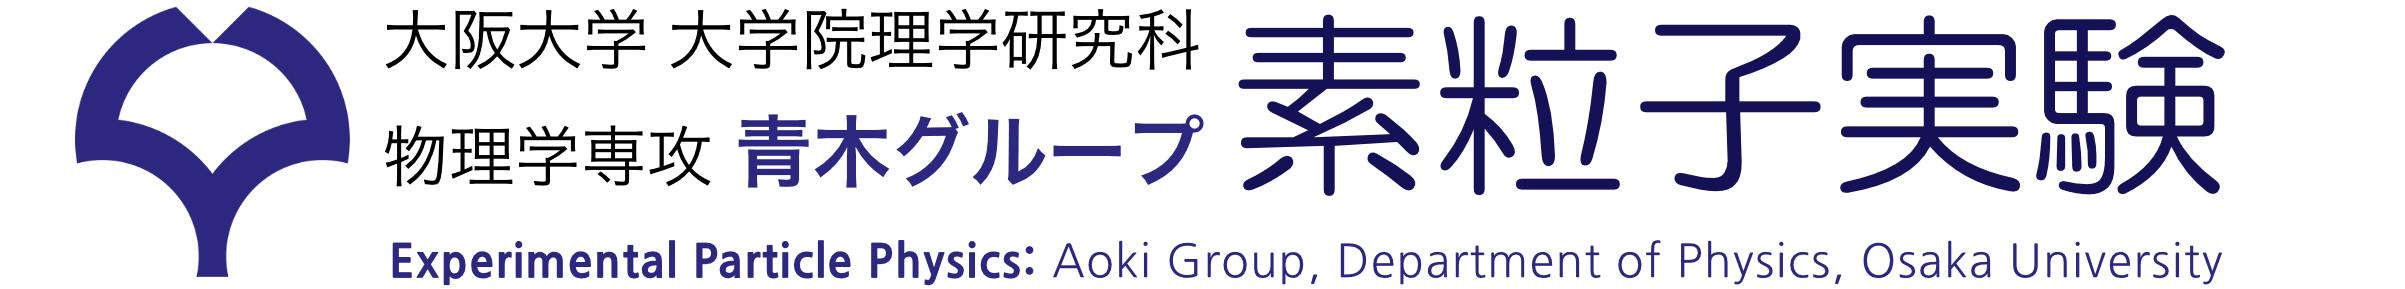 大阪大学 大学院理学研究科 素粒子実験 青木グループ